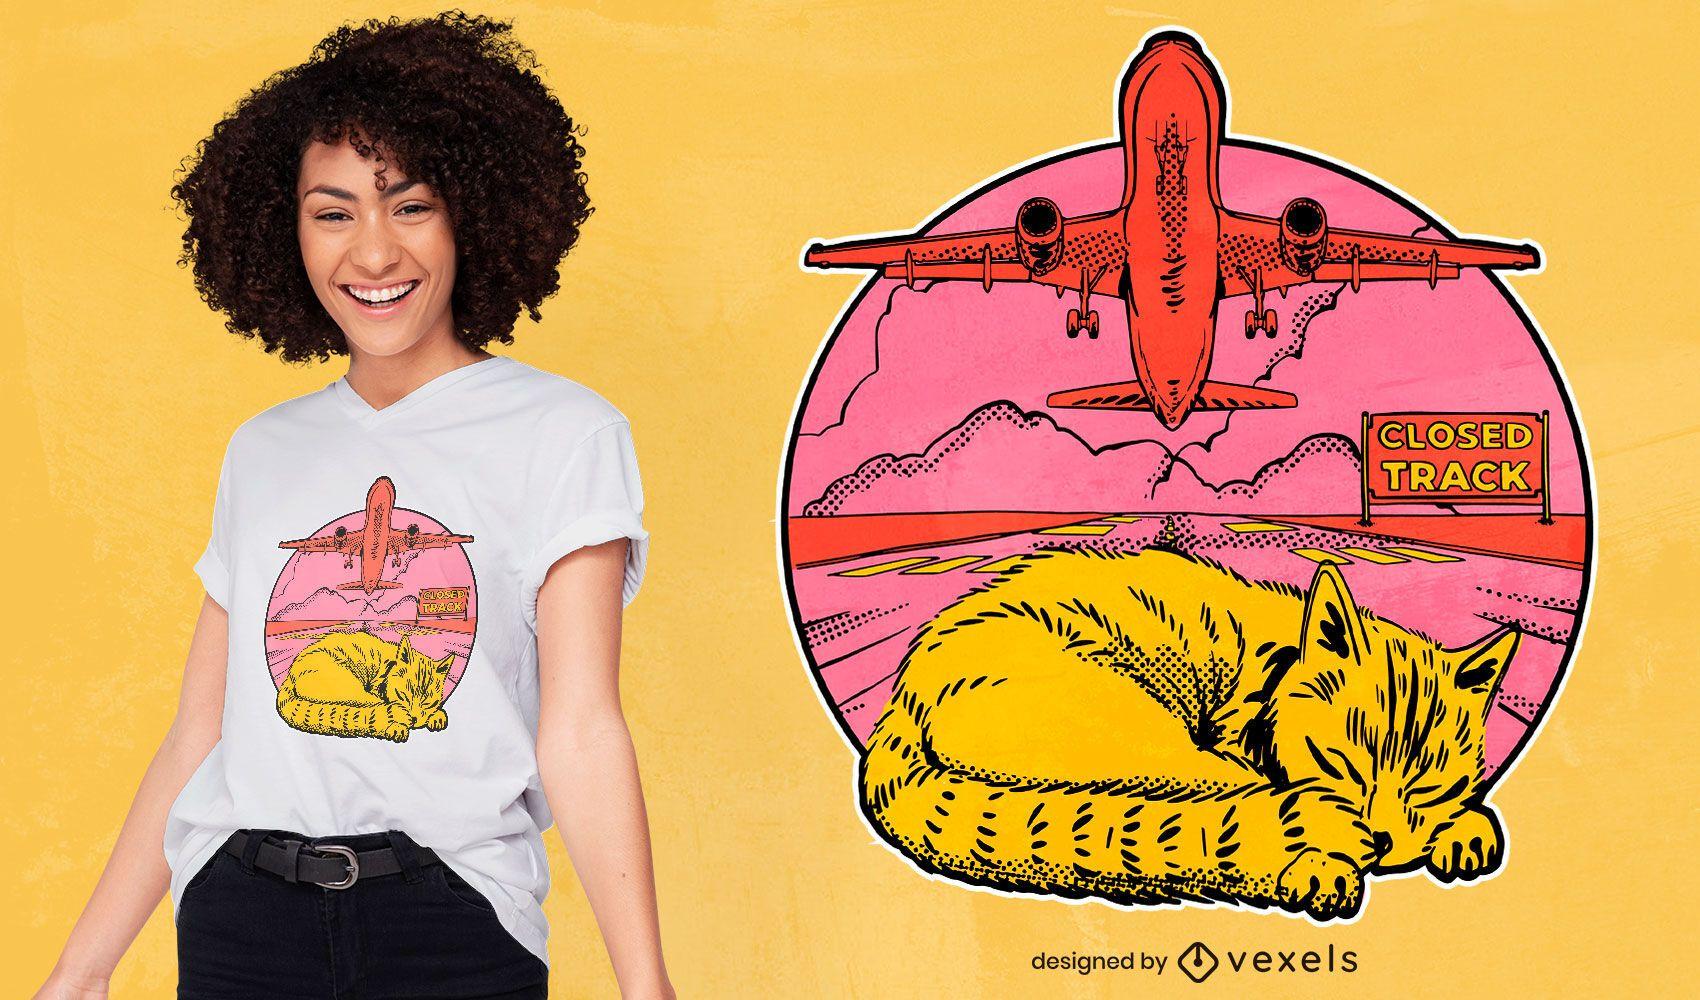 Dise?o de camiseta de avi?n para dormir de gato del aeropuerto.